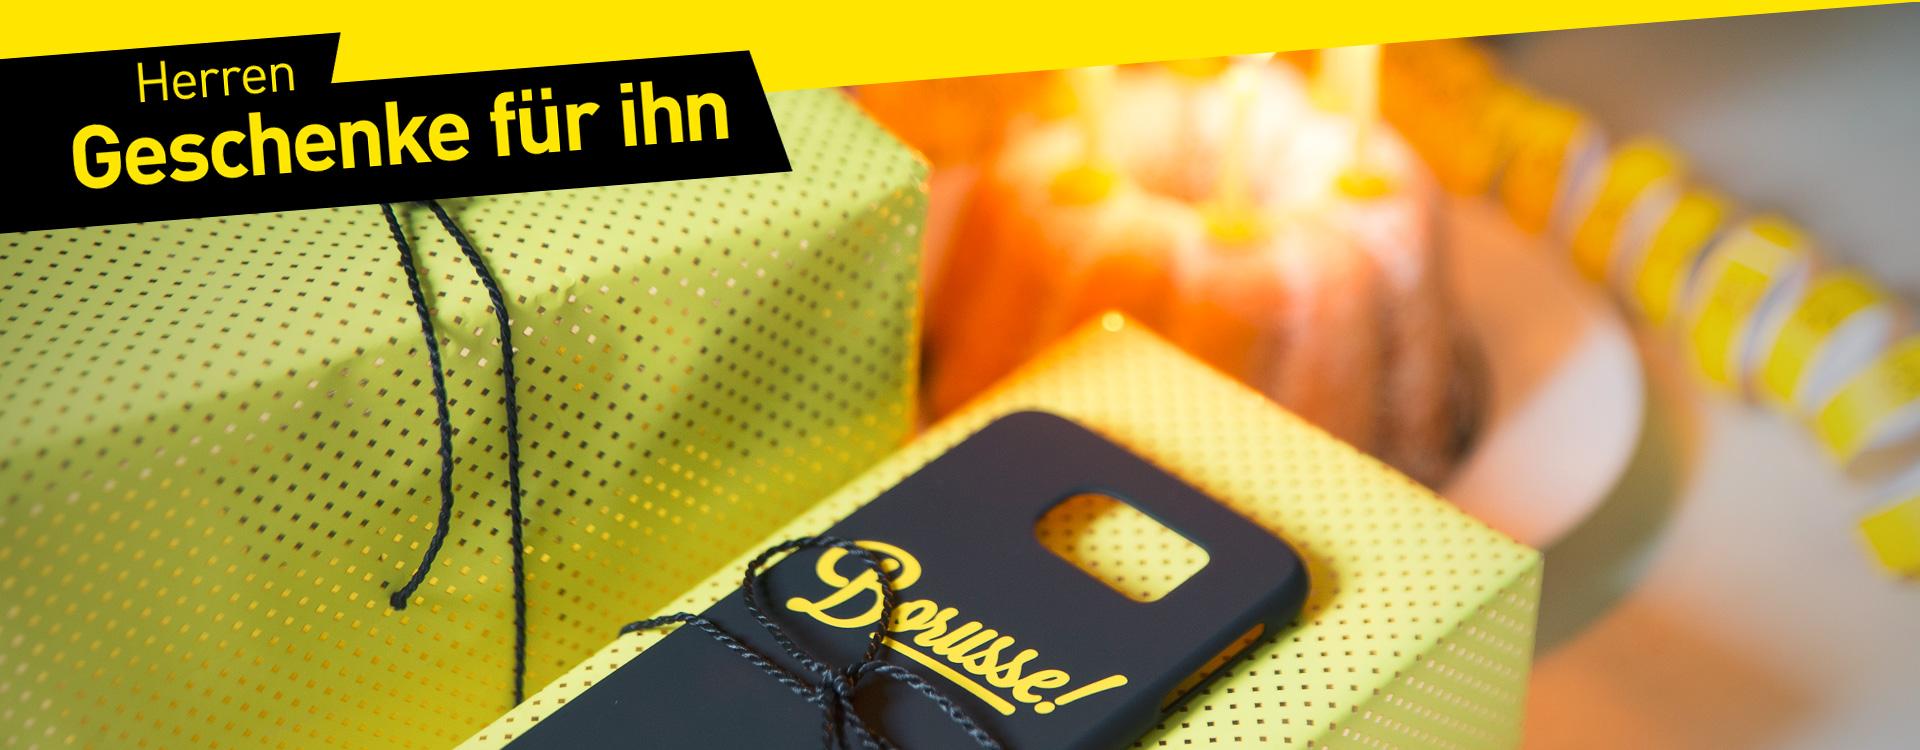 geschenke f r ihn im offiziellen bvb fanshop offizieller bvb online fanshop. Black Bedroom Furniture Sets. Home Design Ideas